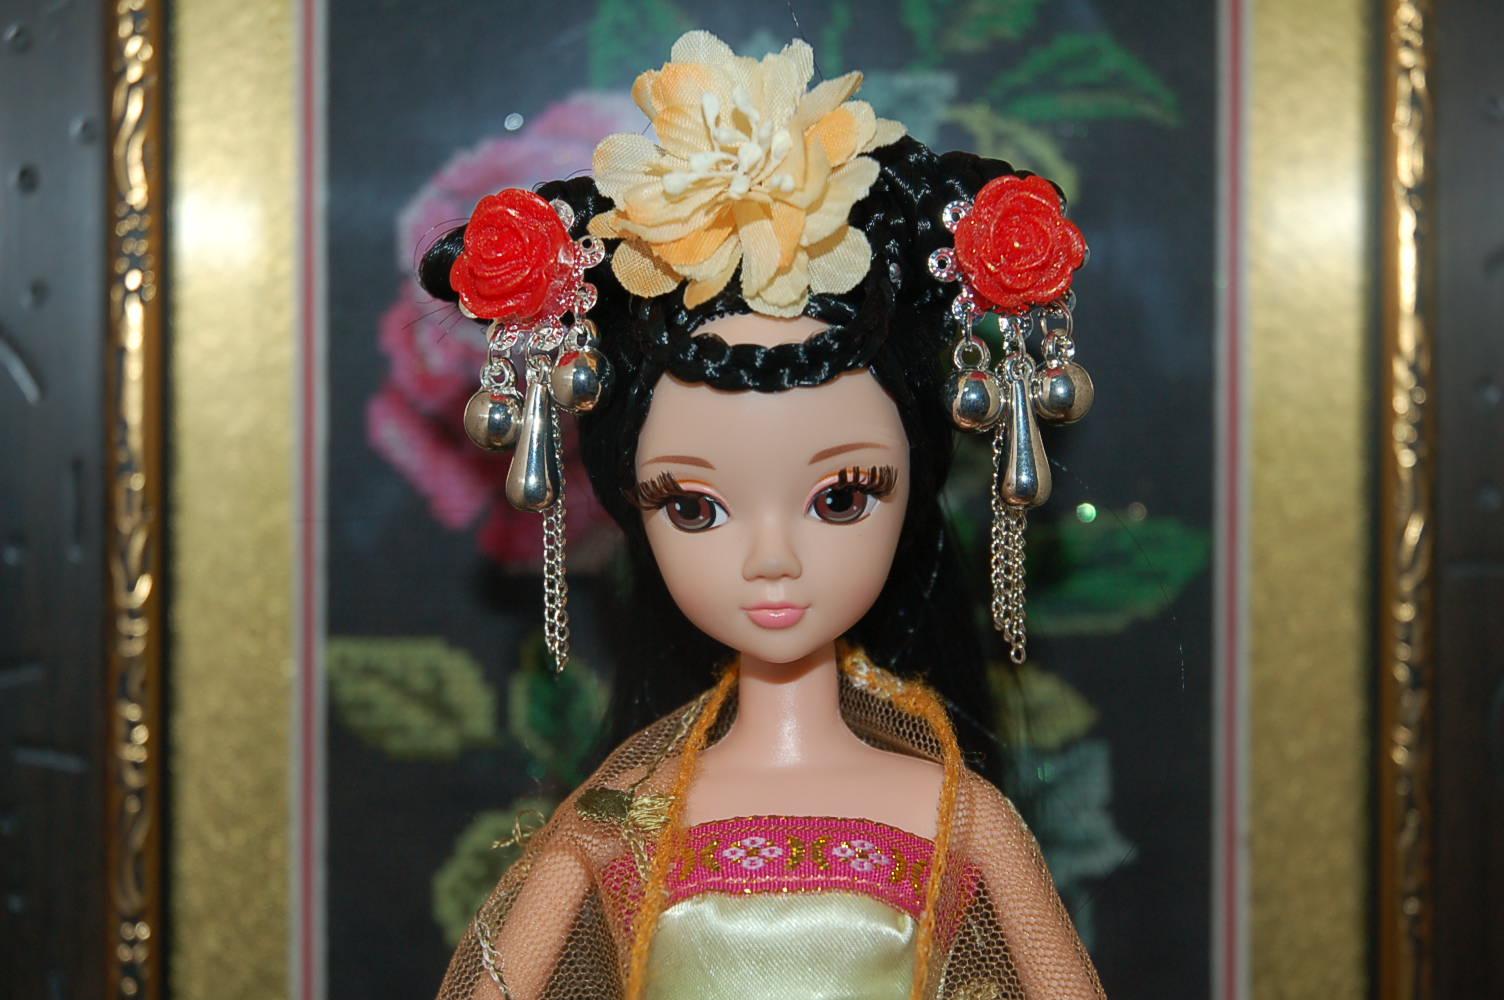 芭比娃娃的简单又好看发型怎么扎?图片